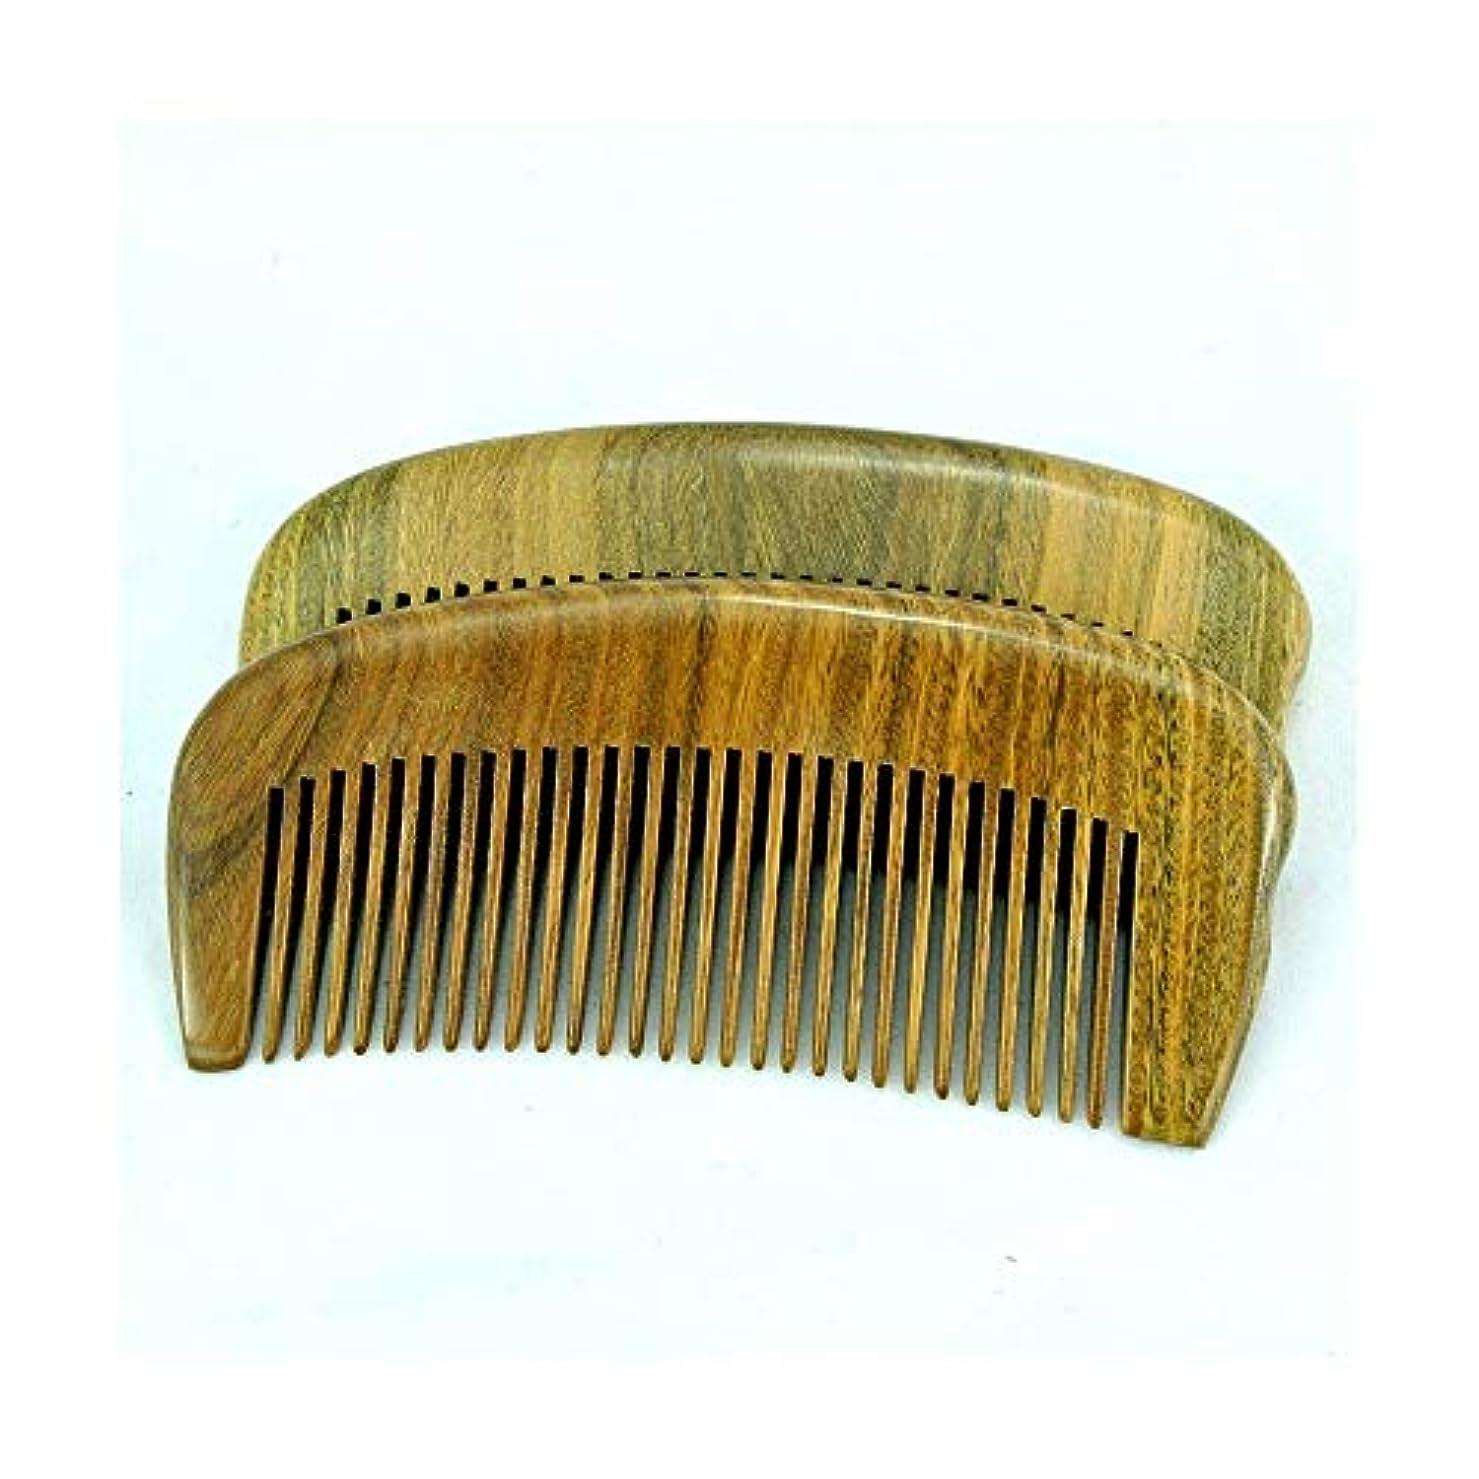 シャベルコピー目覚めるFashianナチュラルグリーンサンダルウッド手作りの木製くしポータブルヘアブラシ ヘアケア